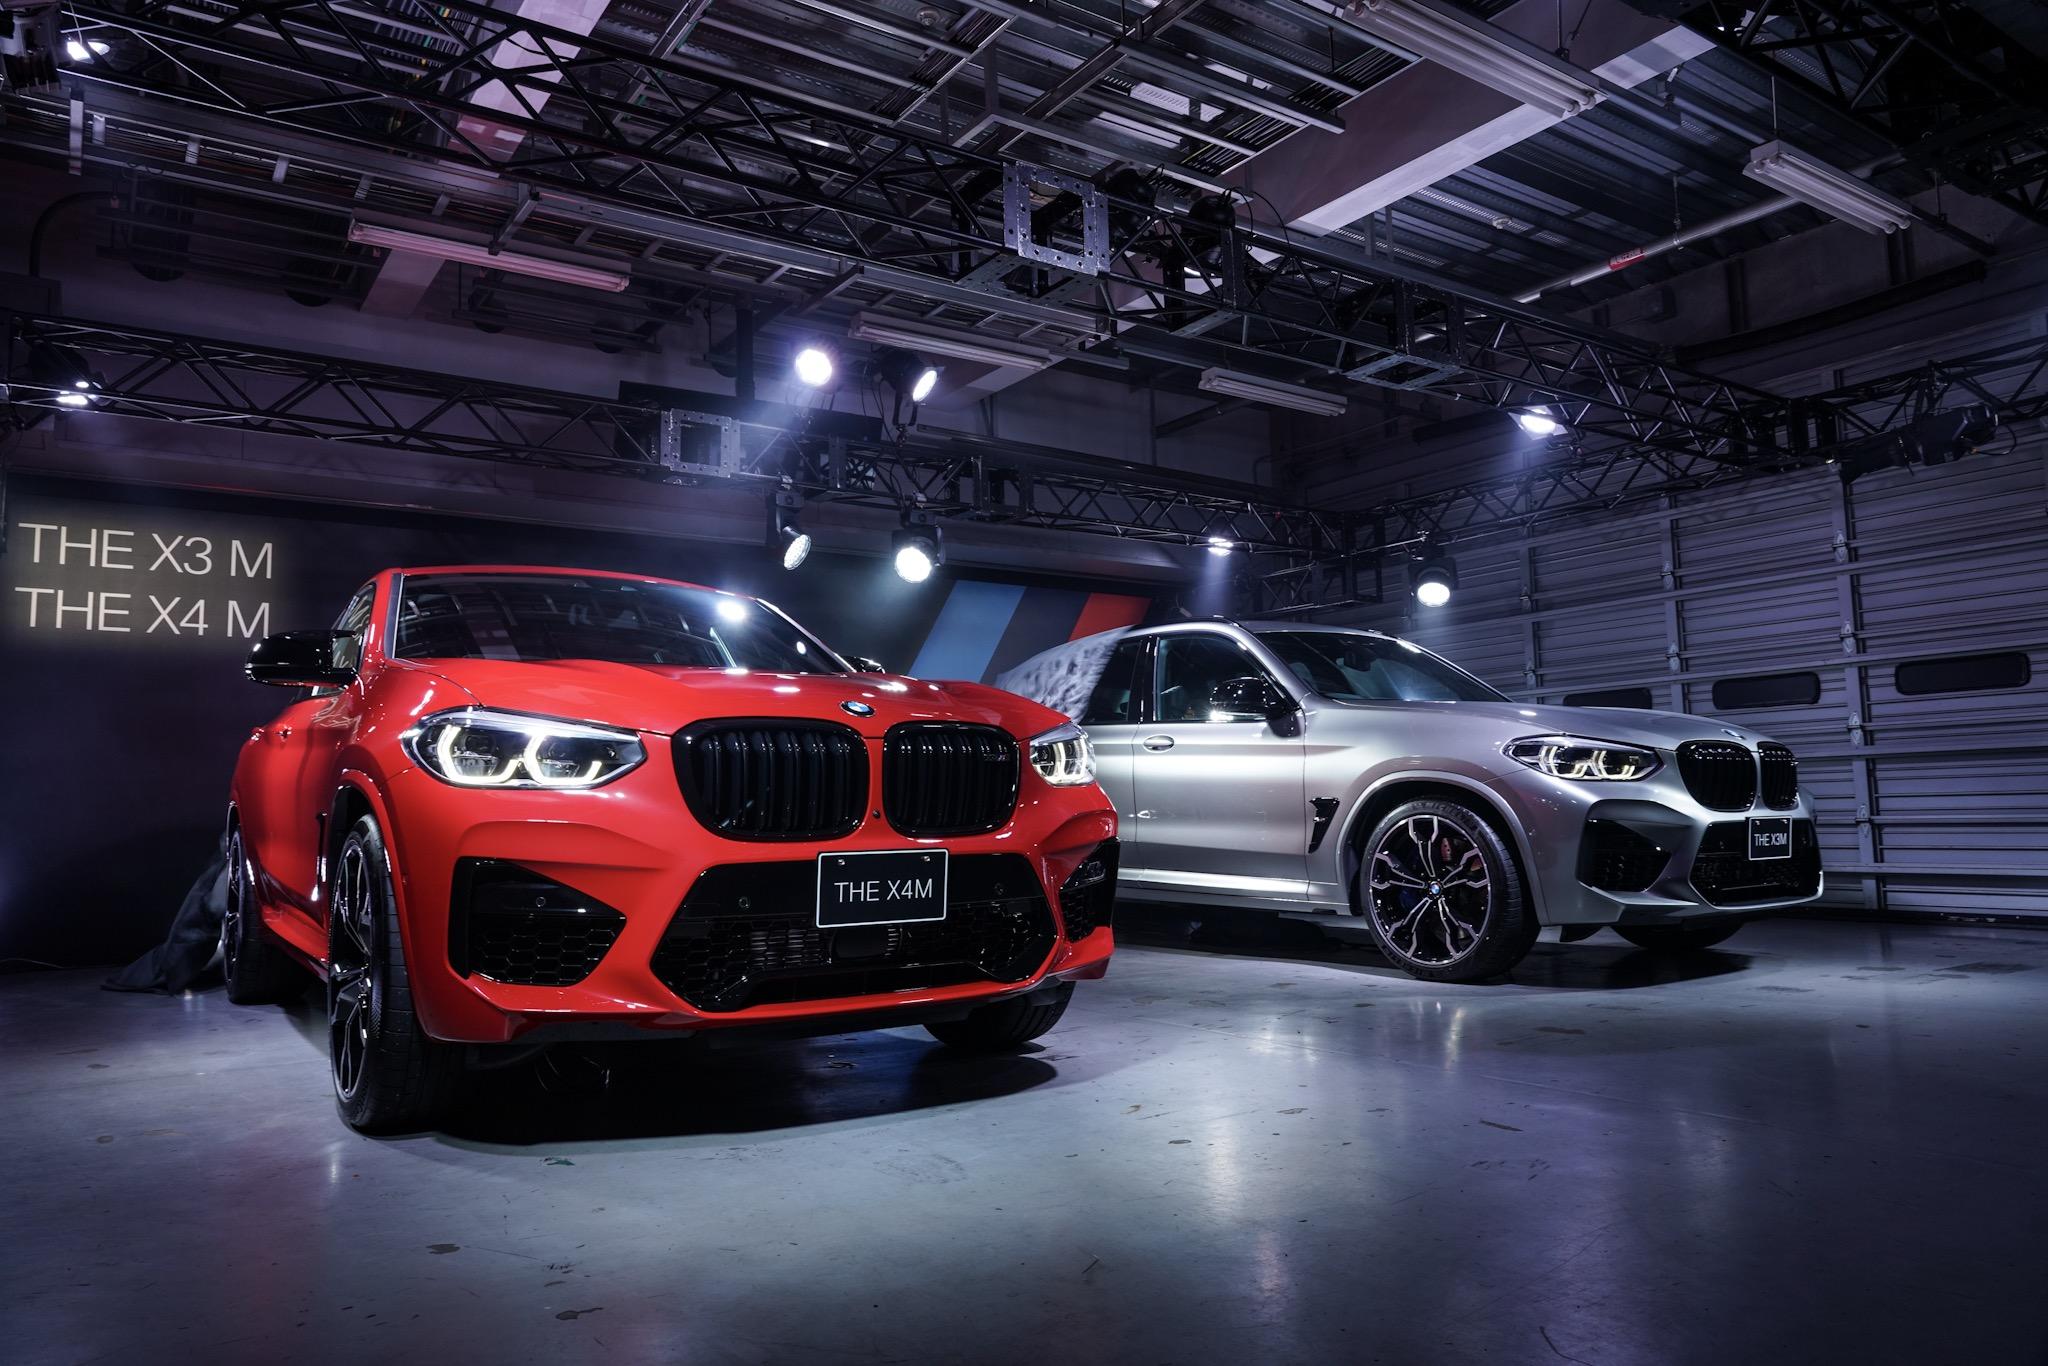 BMW X4M/X3M